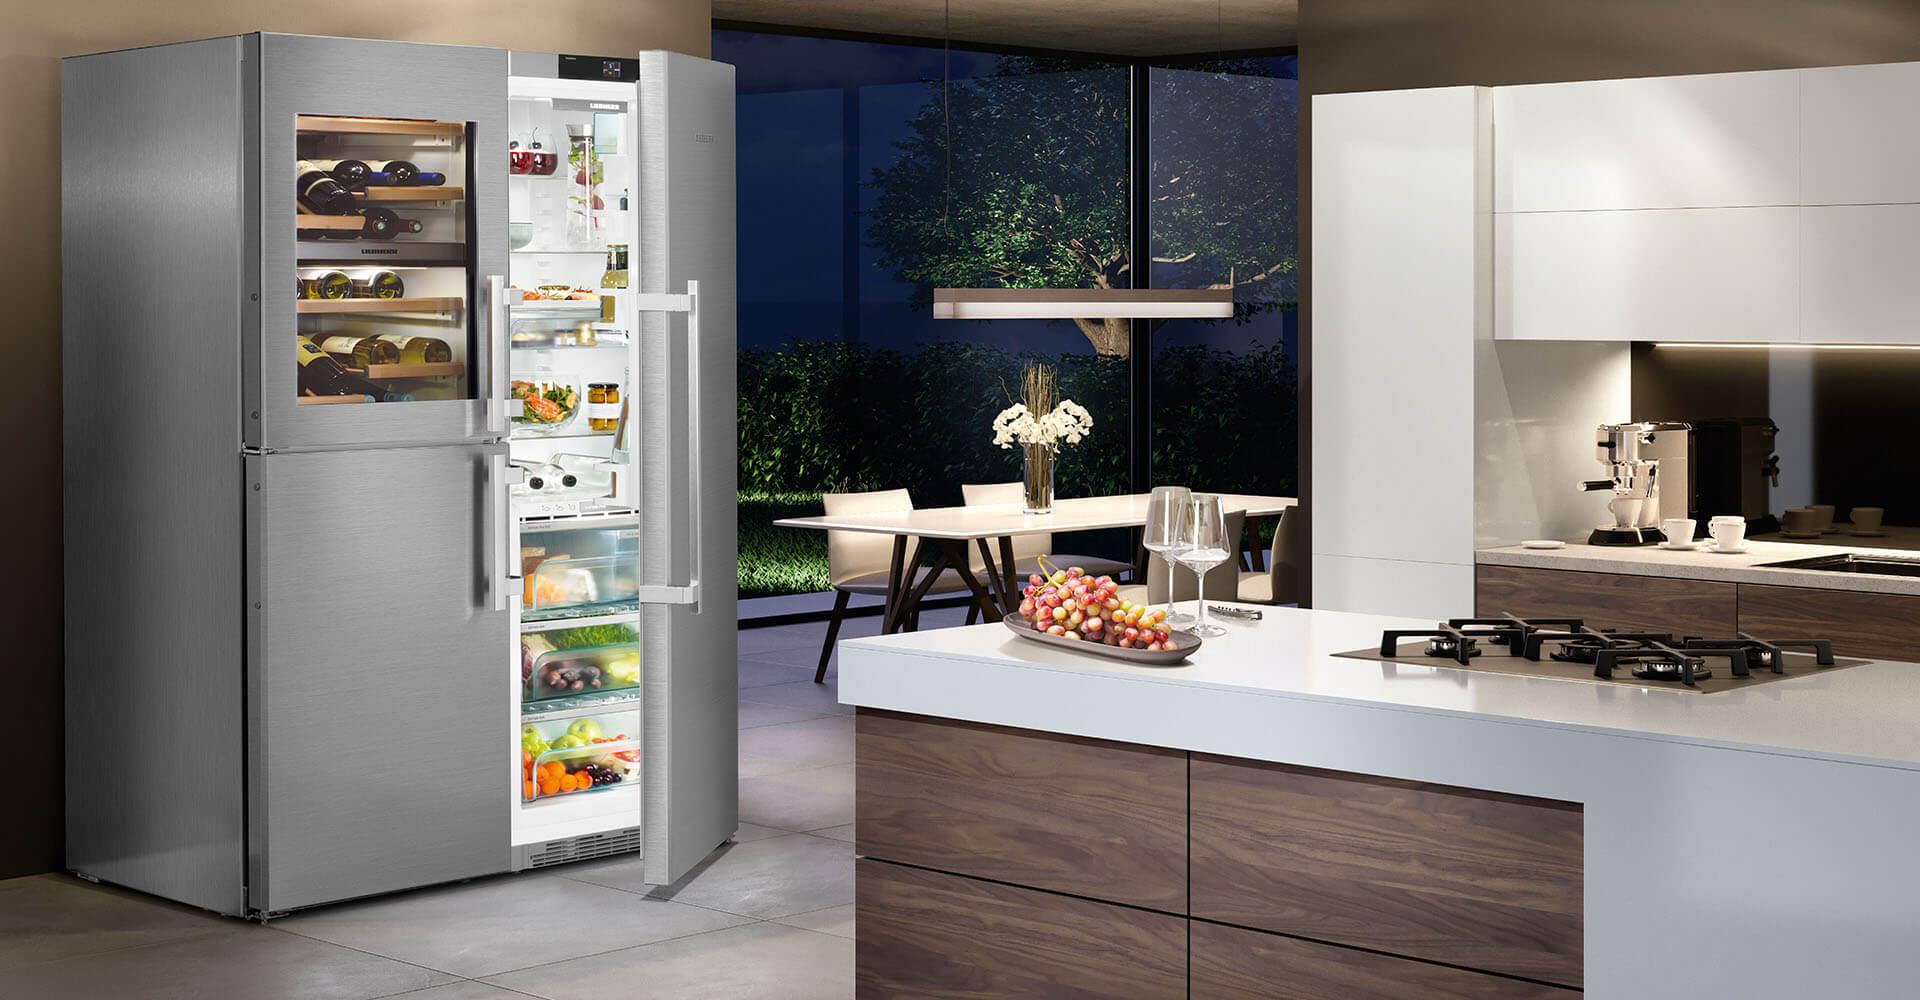 5 лучших холодильников side by side - рейтинг 2020